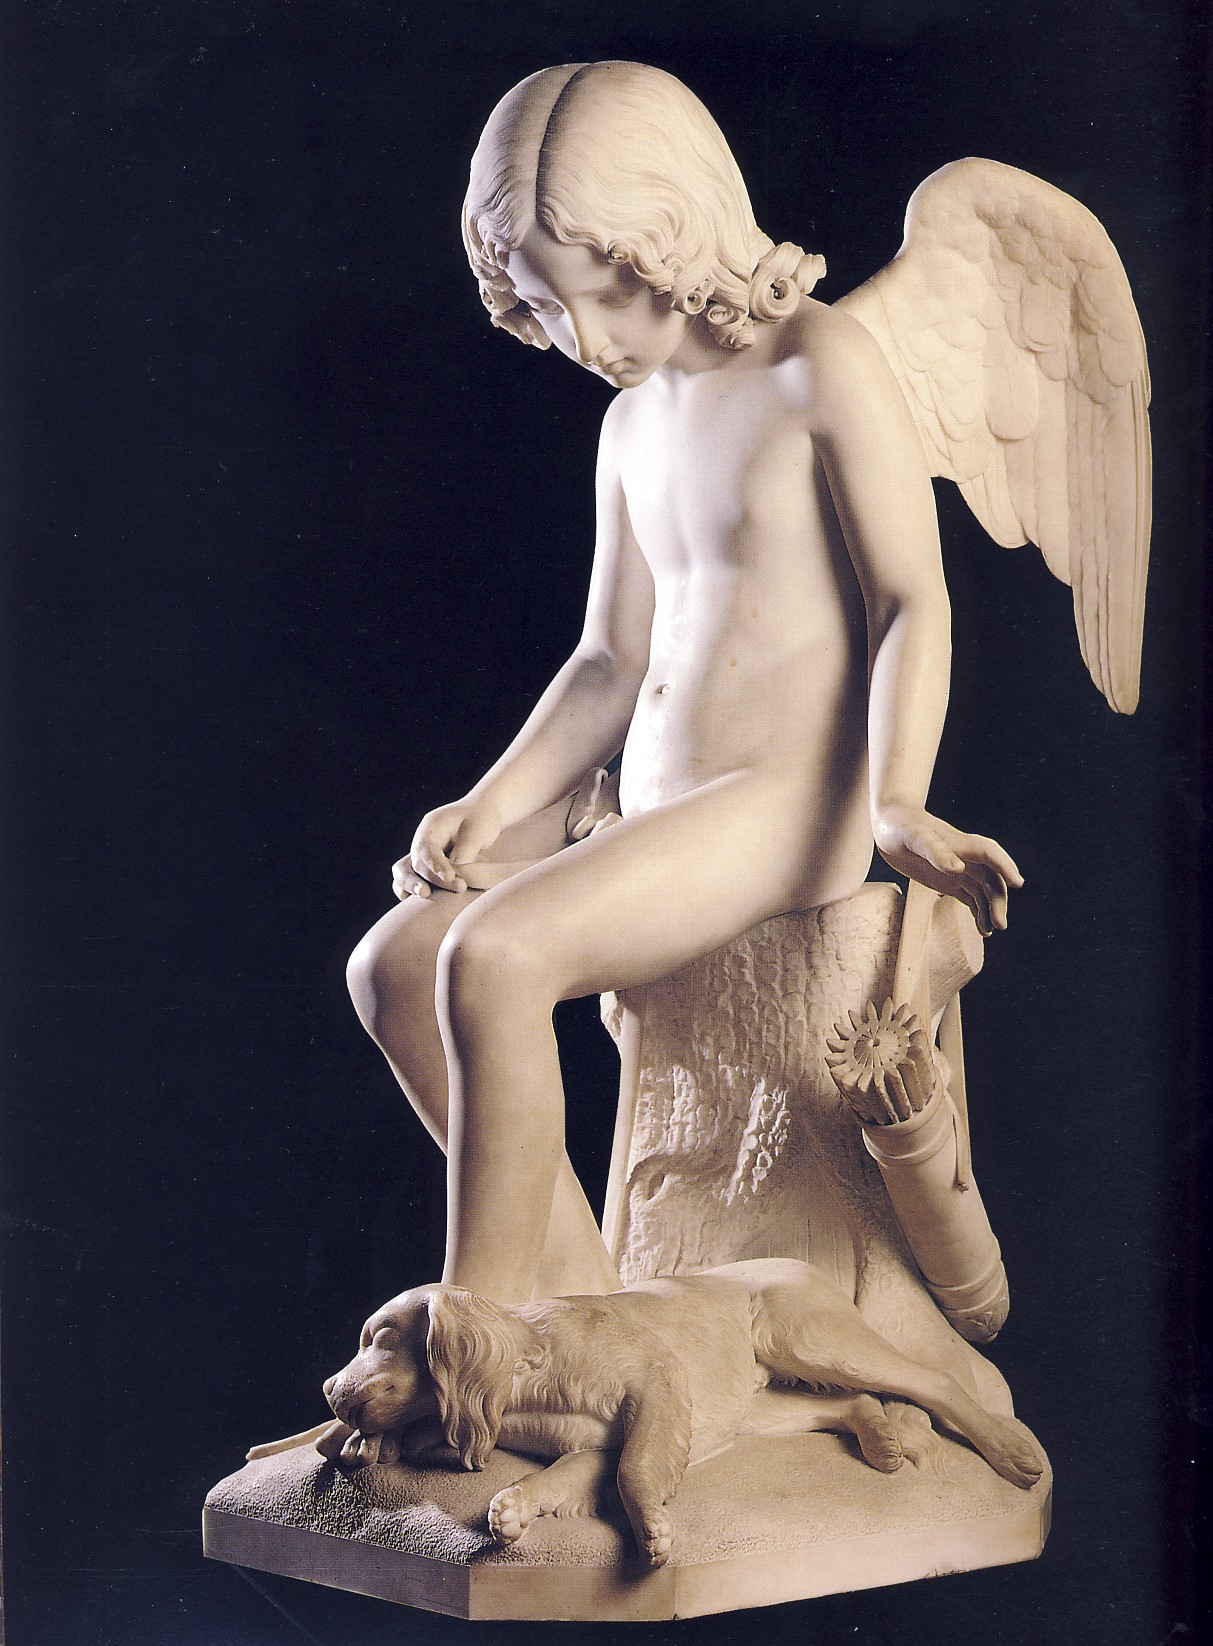 P.FRECCIA, Amore e Fedeltà, 1840, marmo, Firenze, Galleria di arte moderna di Palazzo Pitti